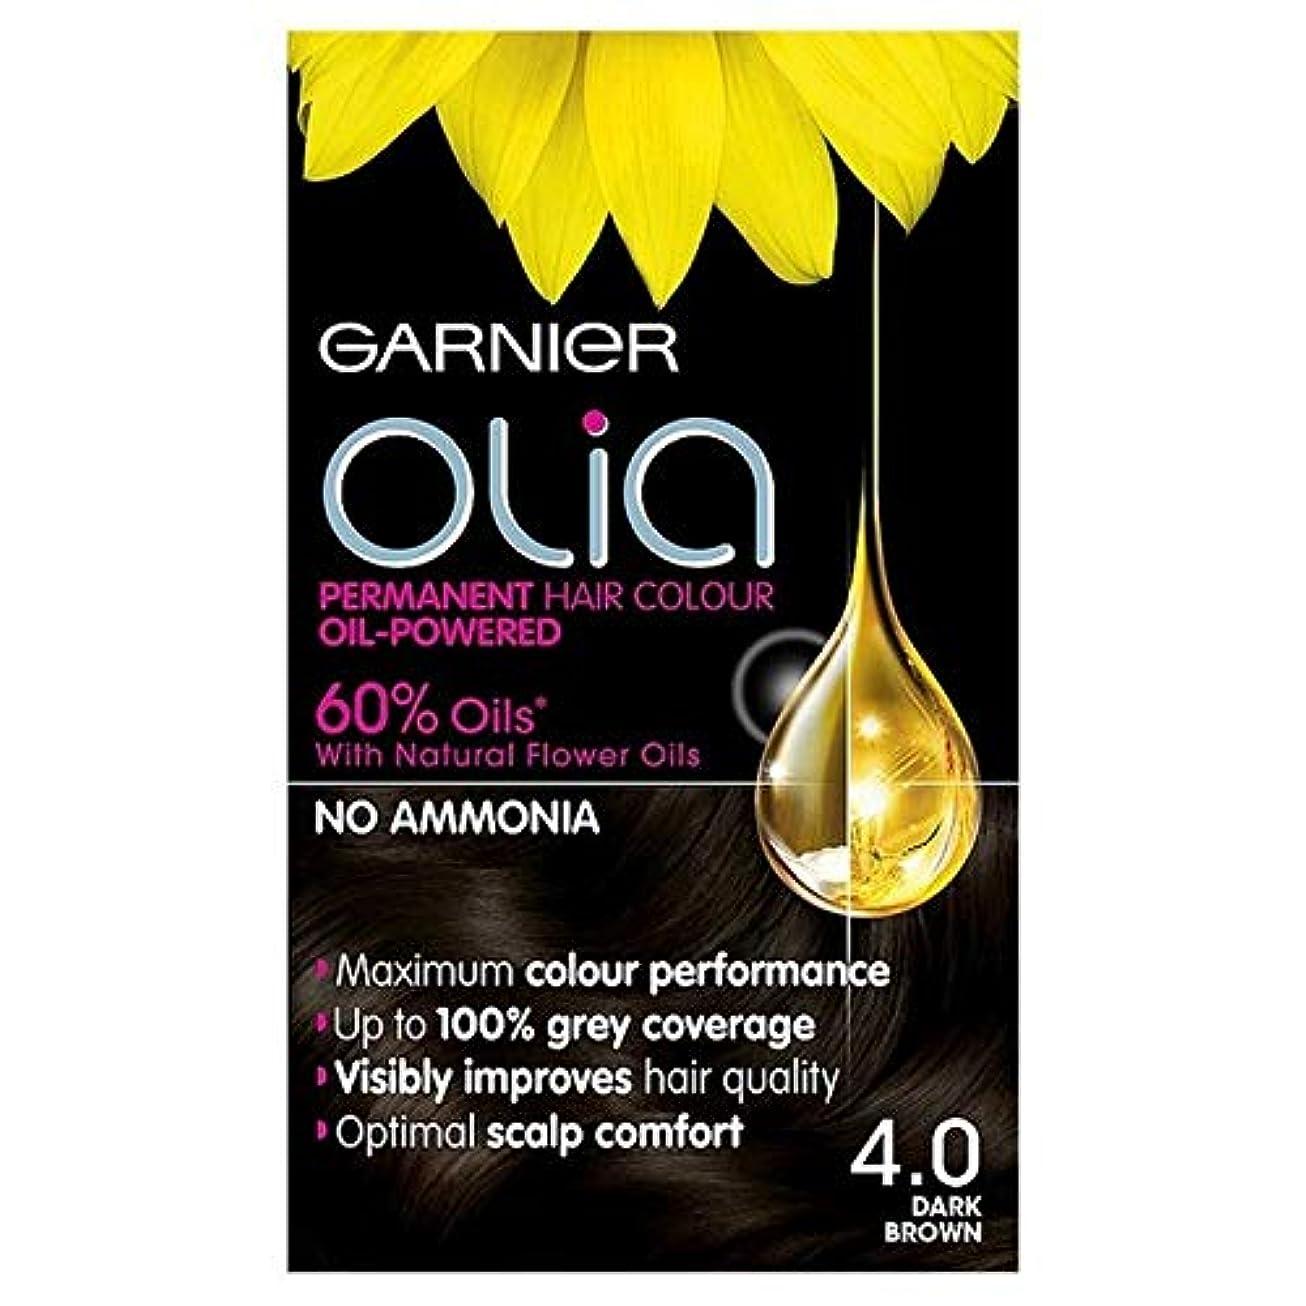 道ヒールコークス[Garnier ] 4.0ダークブラウン永久染毛剤Oliaガルニエ - Garnier Olia 4.0 Dark Brown Permanent Hair Dye [並行輸入品]